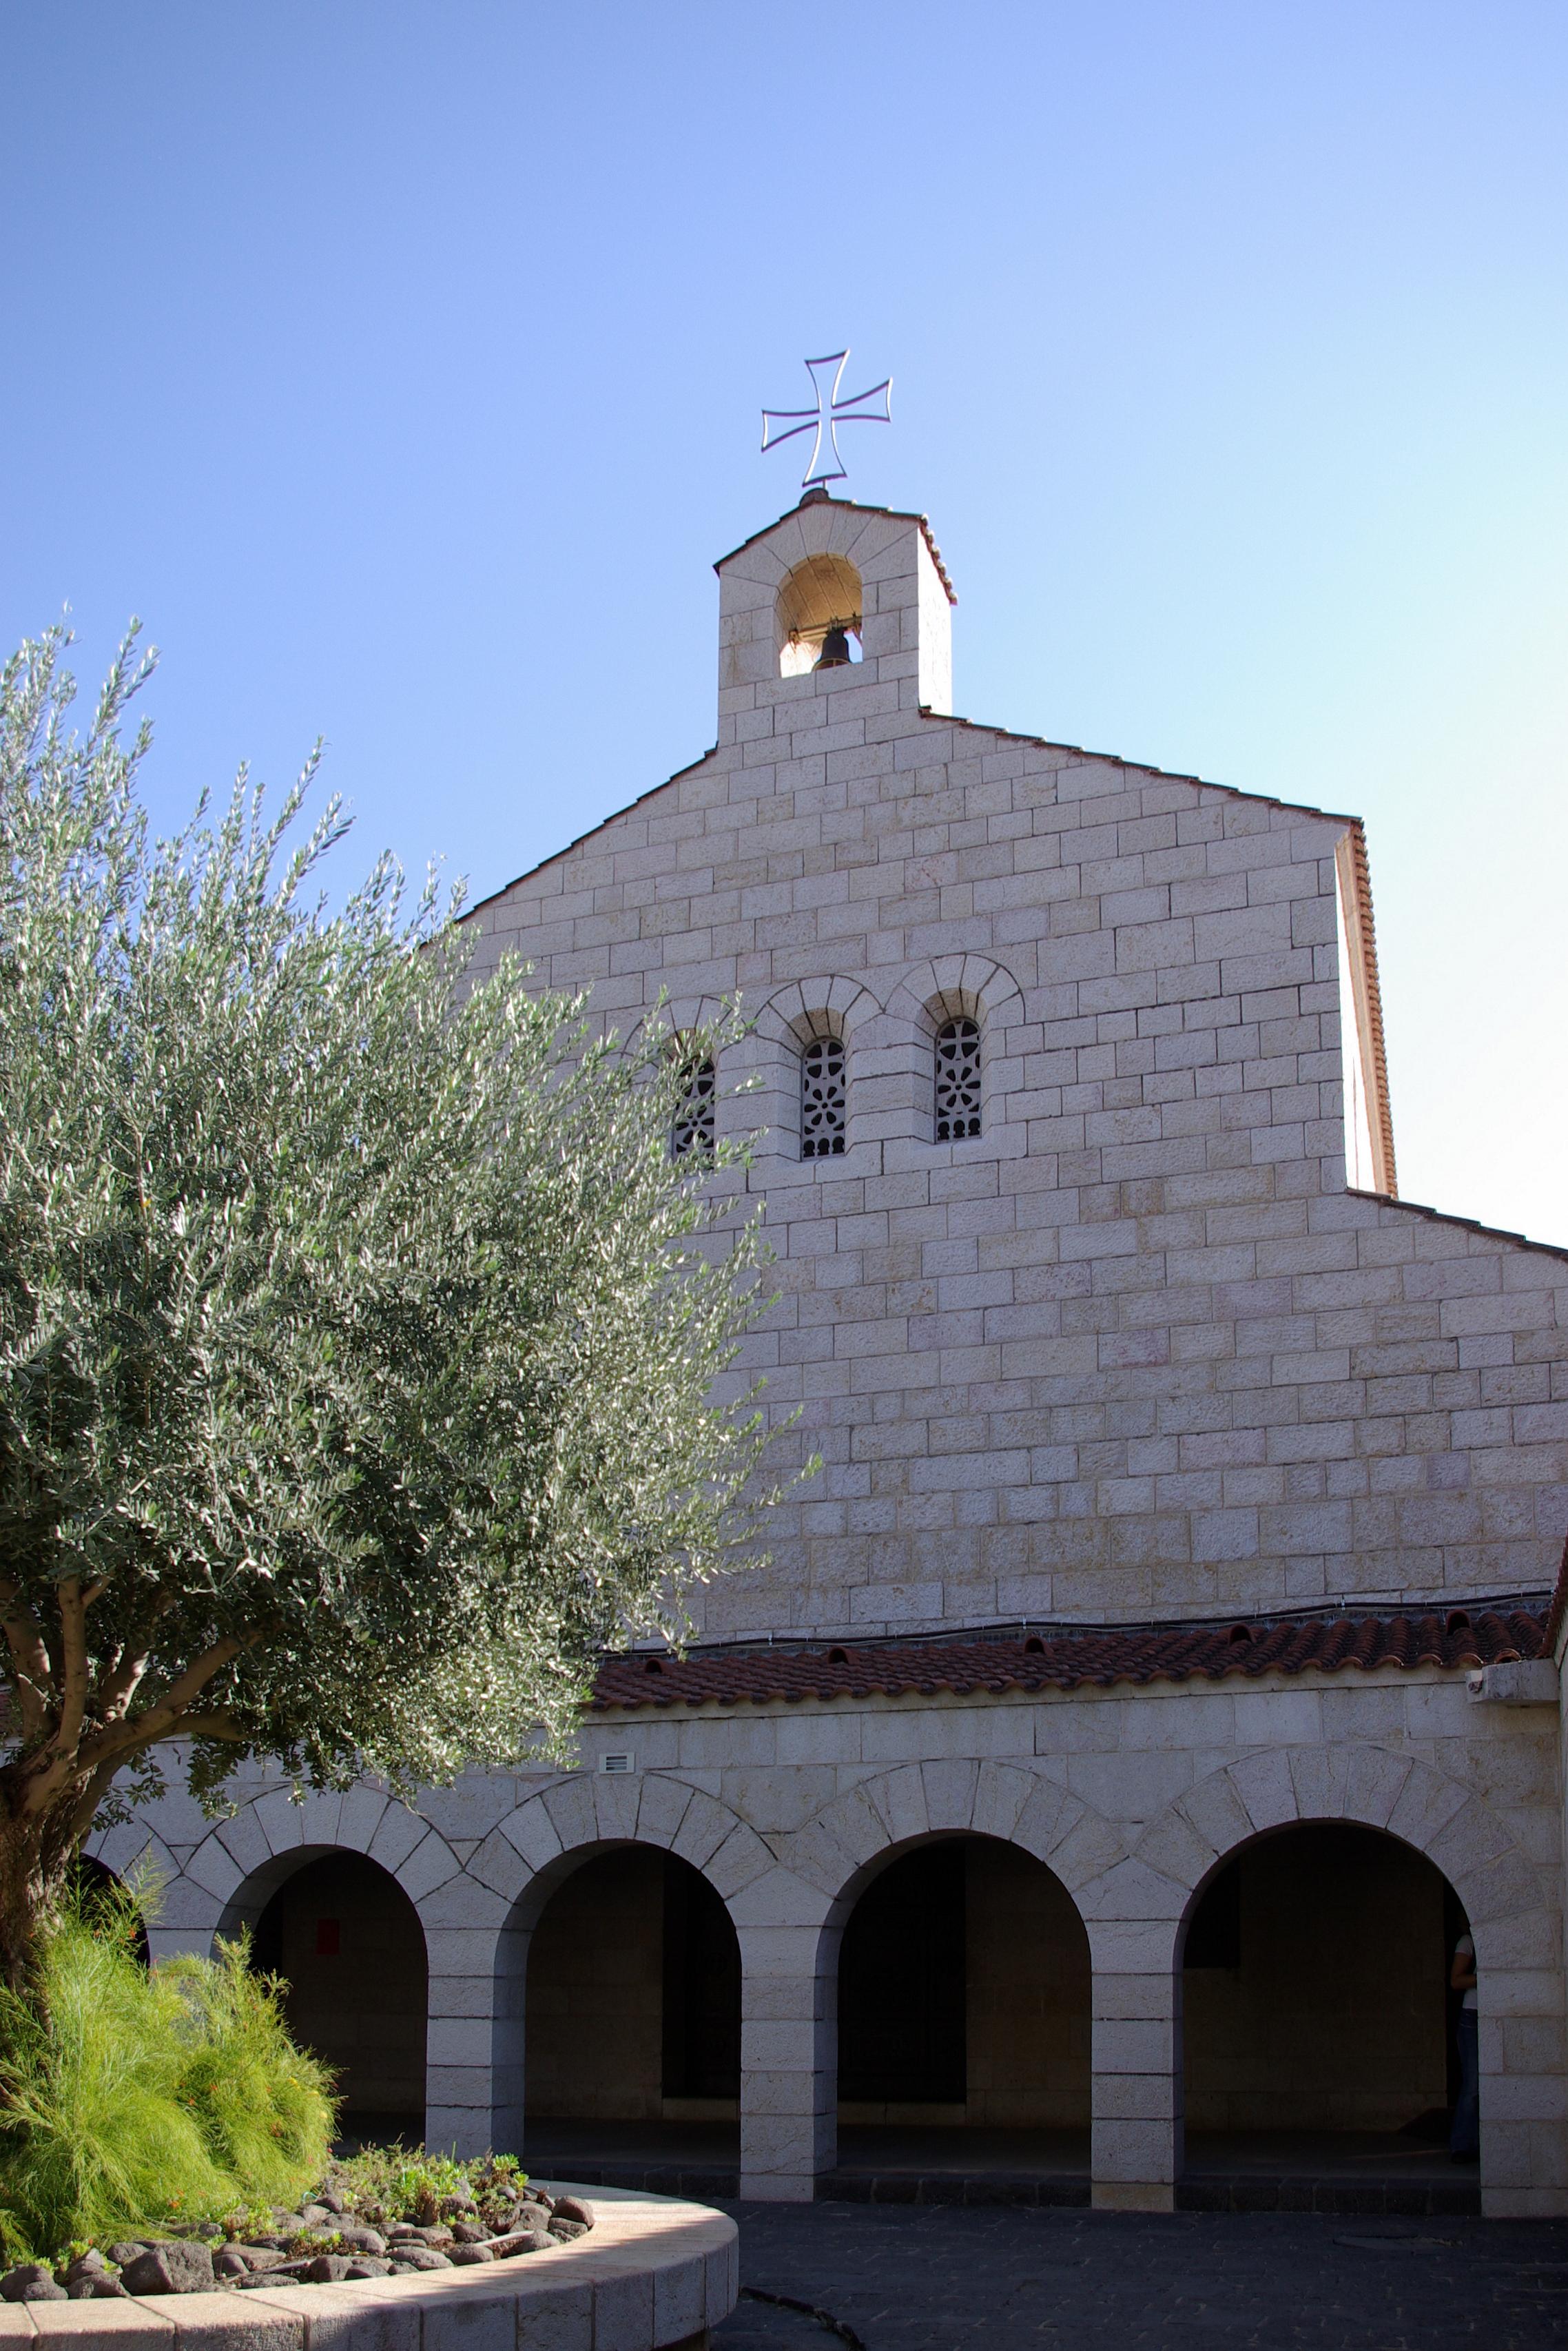 Церква помноження хлібів